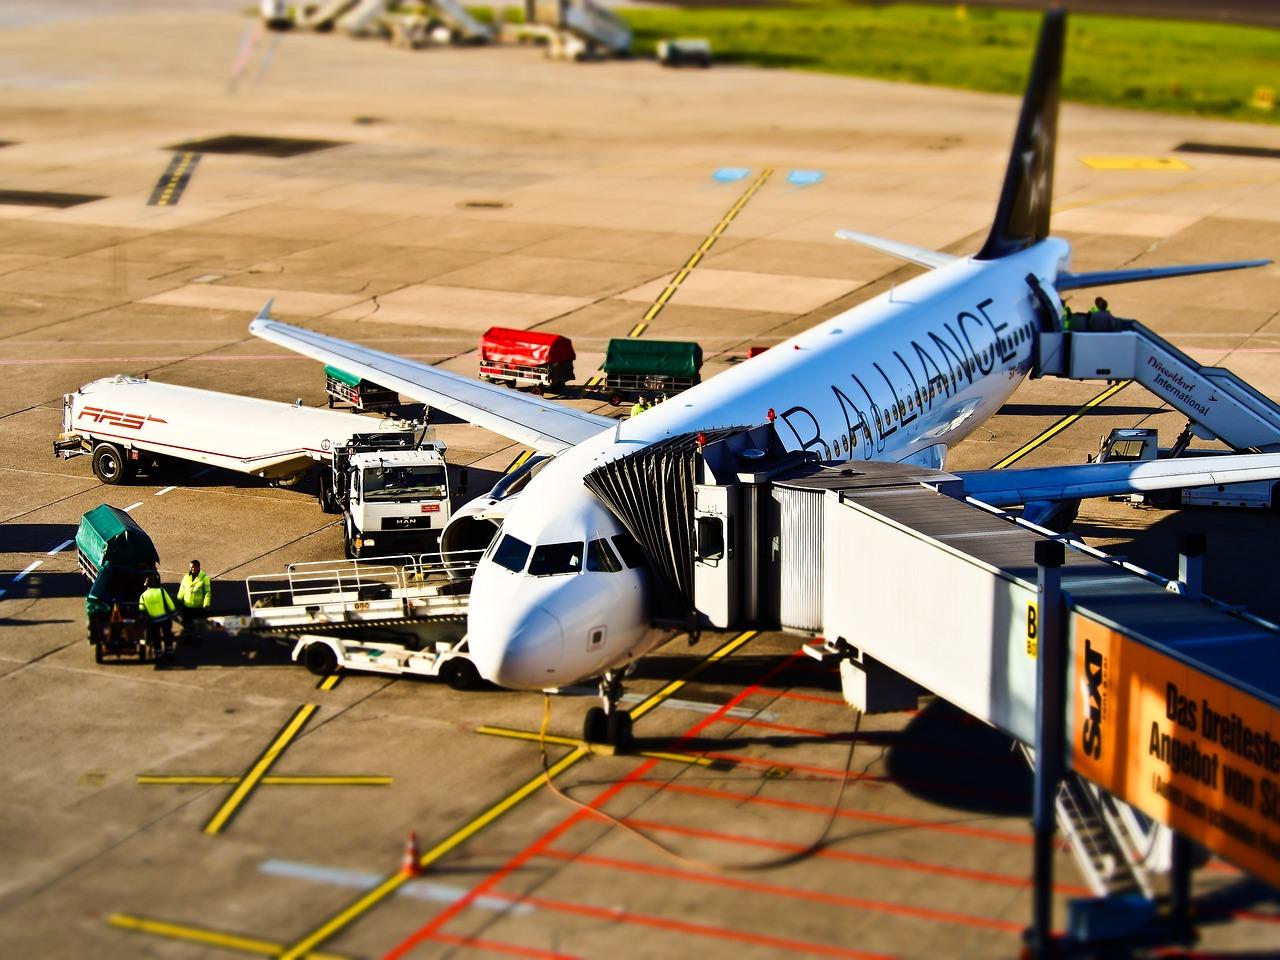 สายการบินยกเลิกเที่ยวบิน จาก Covid19